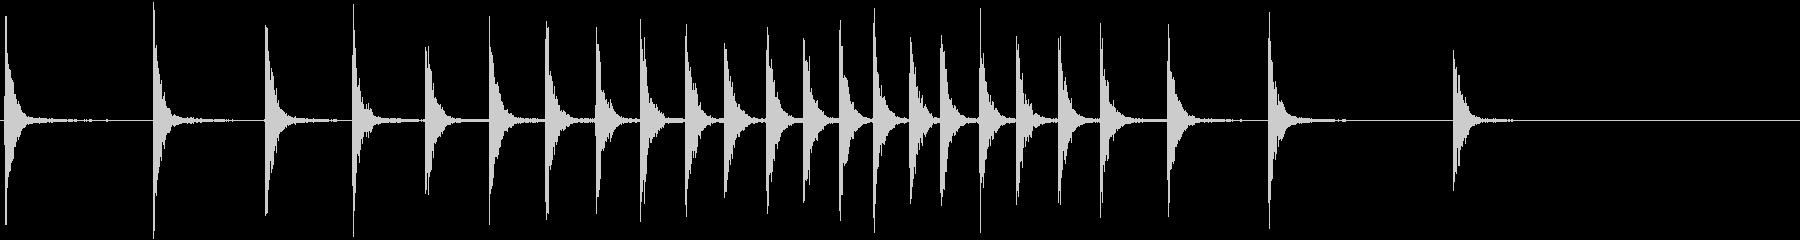 シンセ拍子木_ロール(紙芝居、呼び込み)の未再生の波形